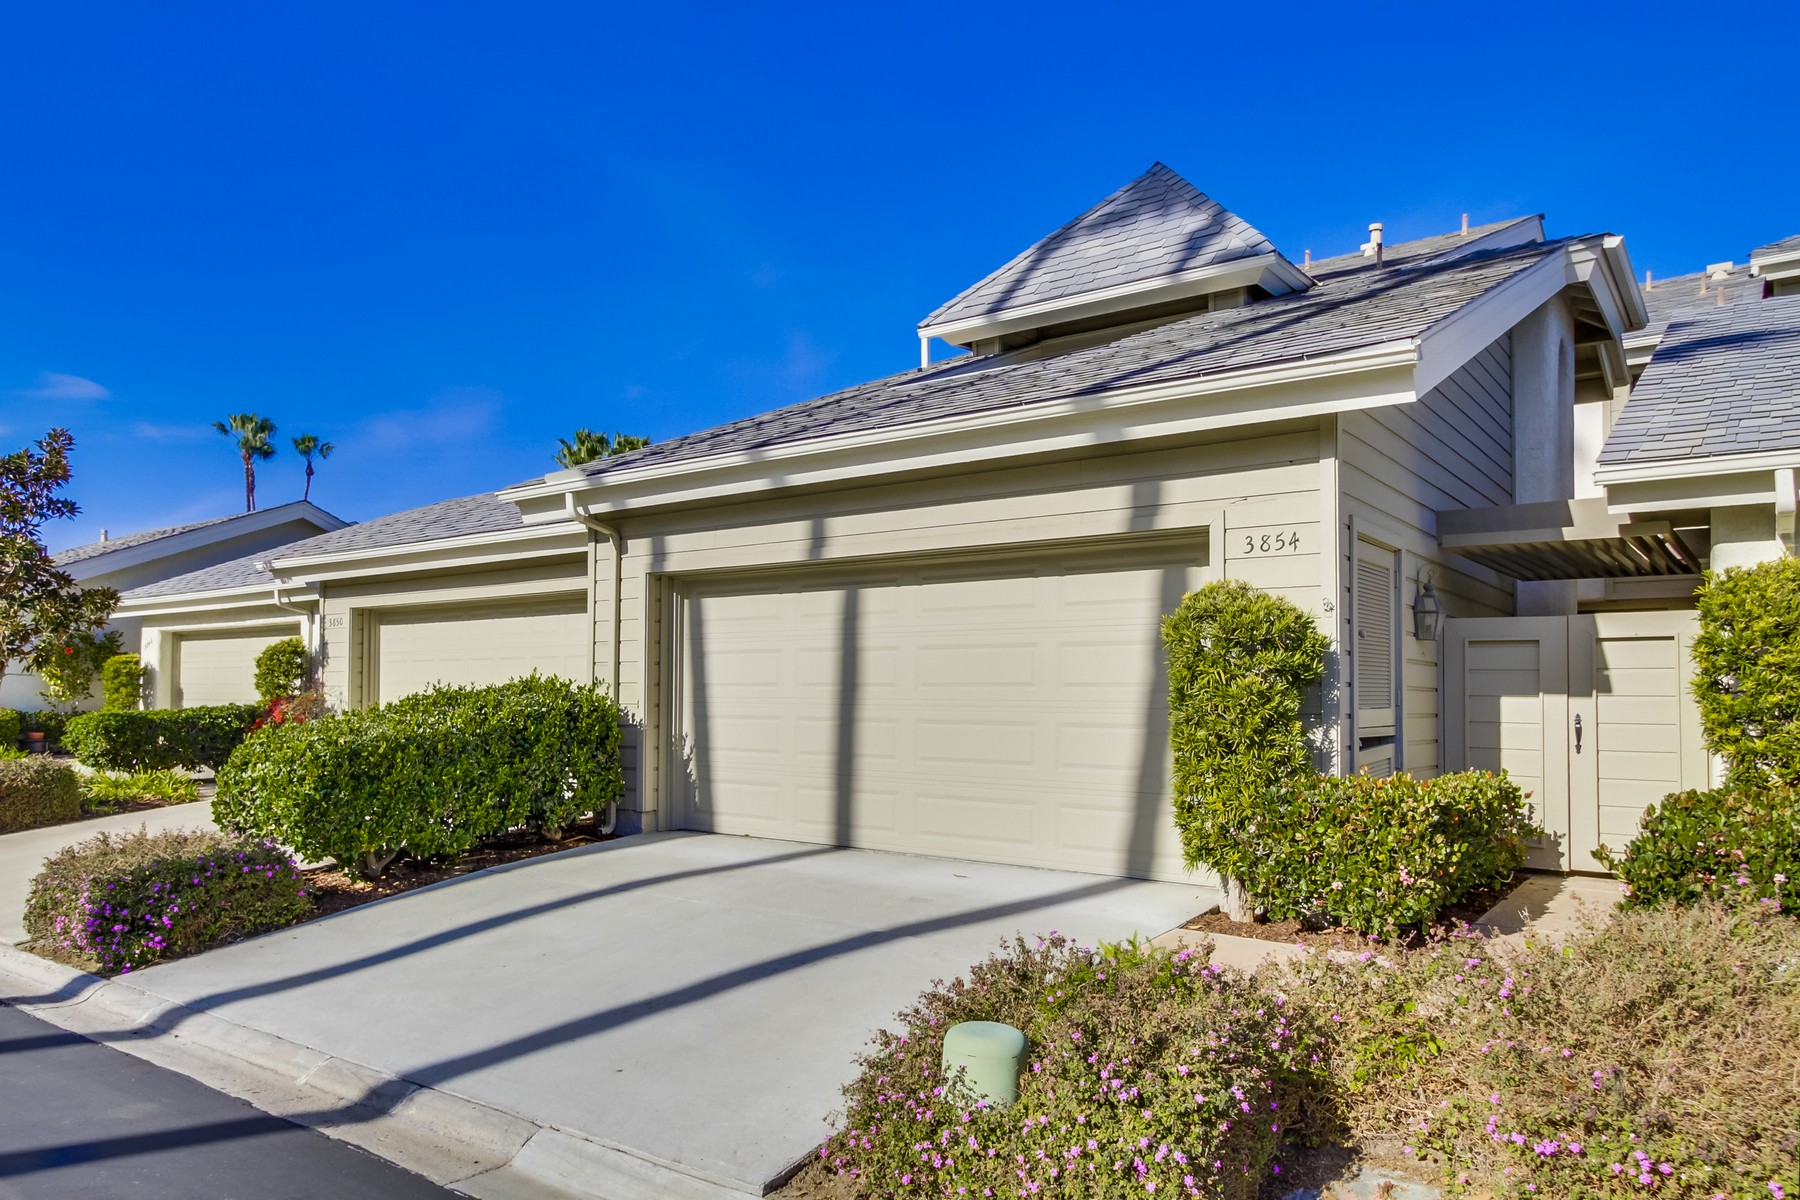 Maison unifamiliale pour l Vente à 3854 Via Pasatiempo Rancho Santa Fe, Californie 92091 États-Unis